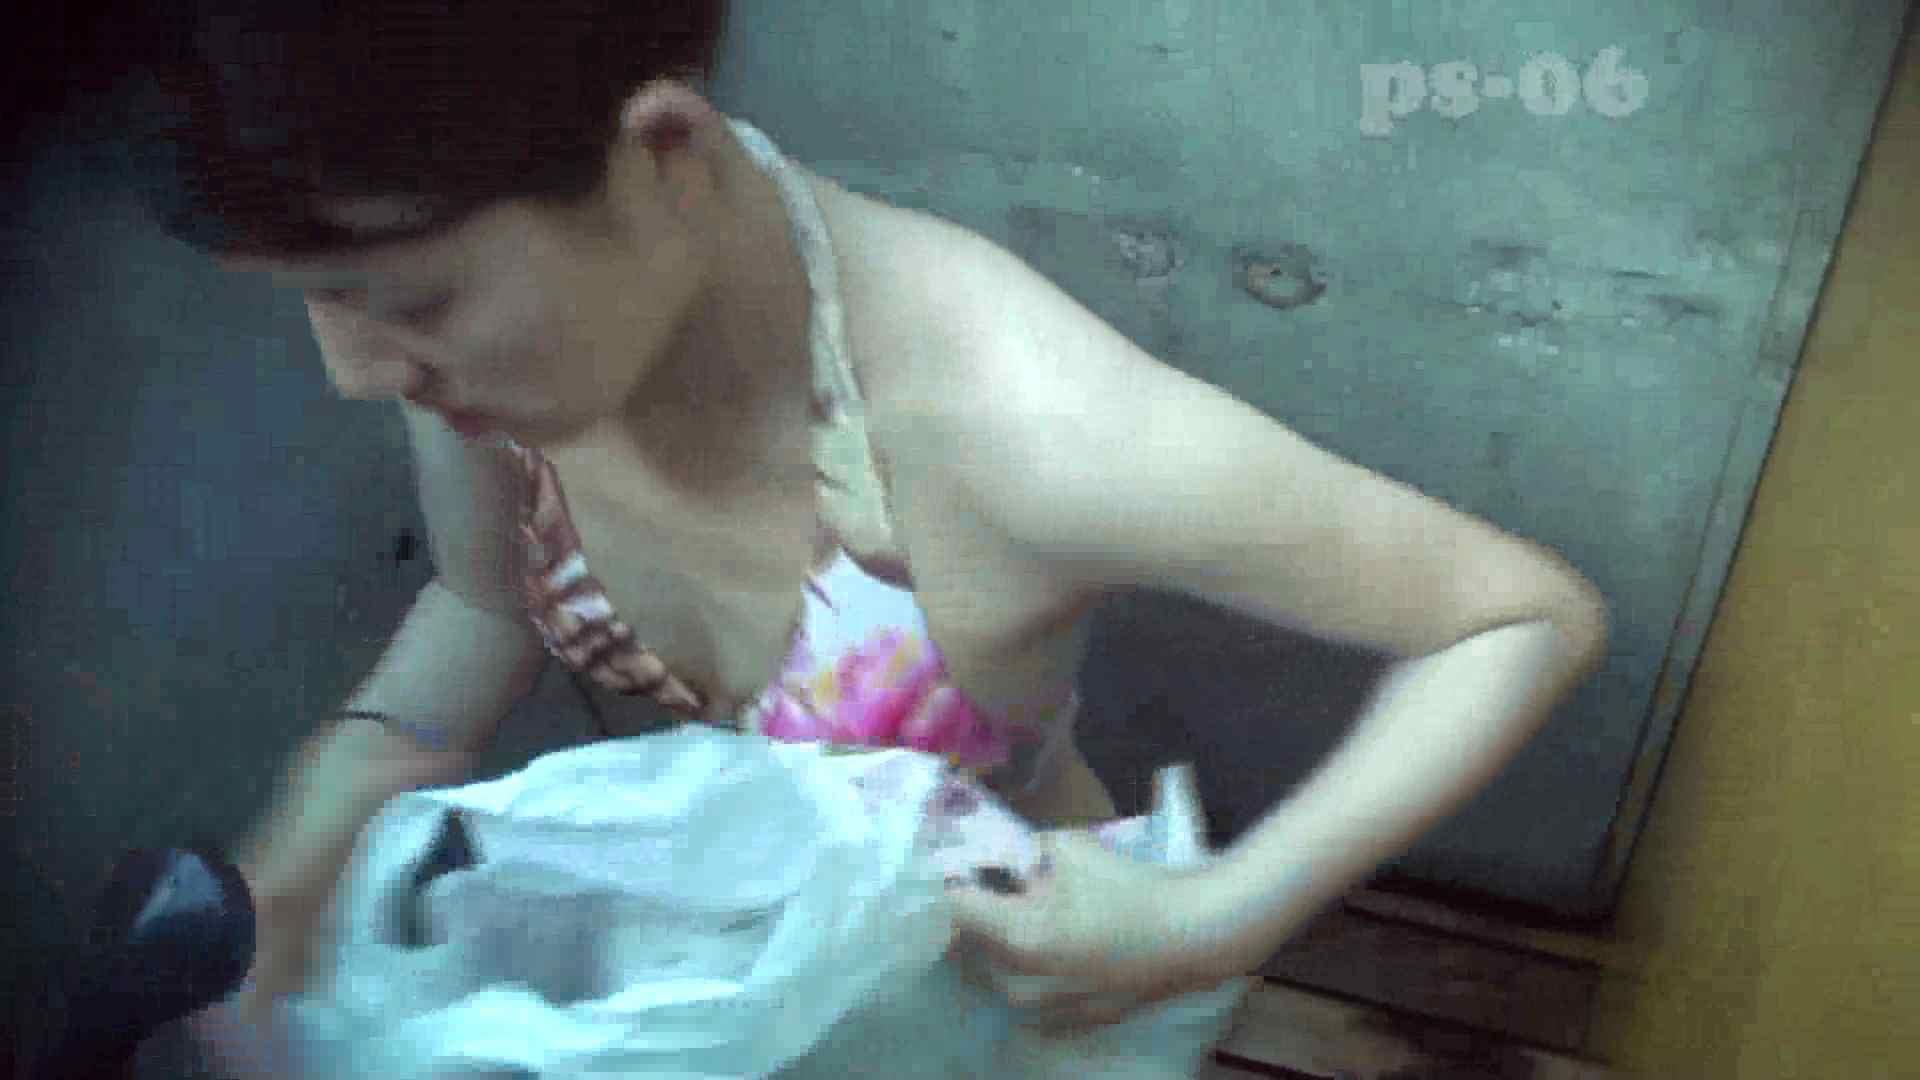 シャワールームは危険な香りVol.6(ハイビジョンサンプル版) 盗撮編  99枚 25